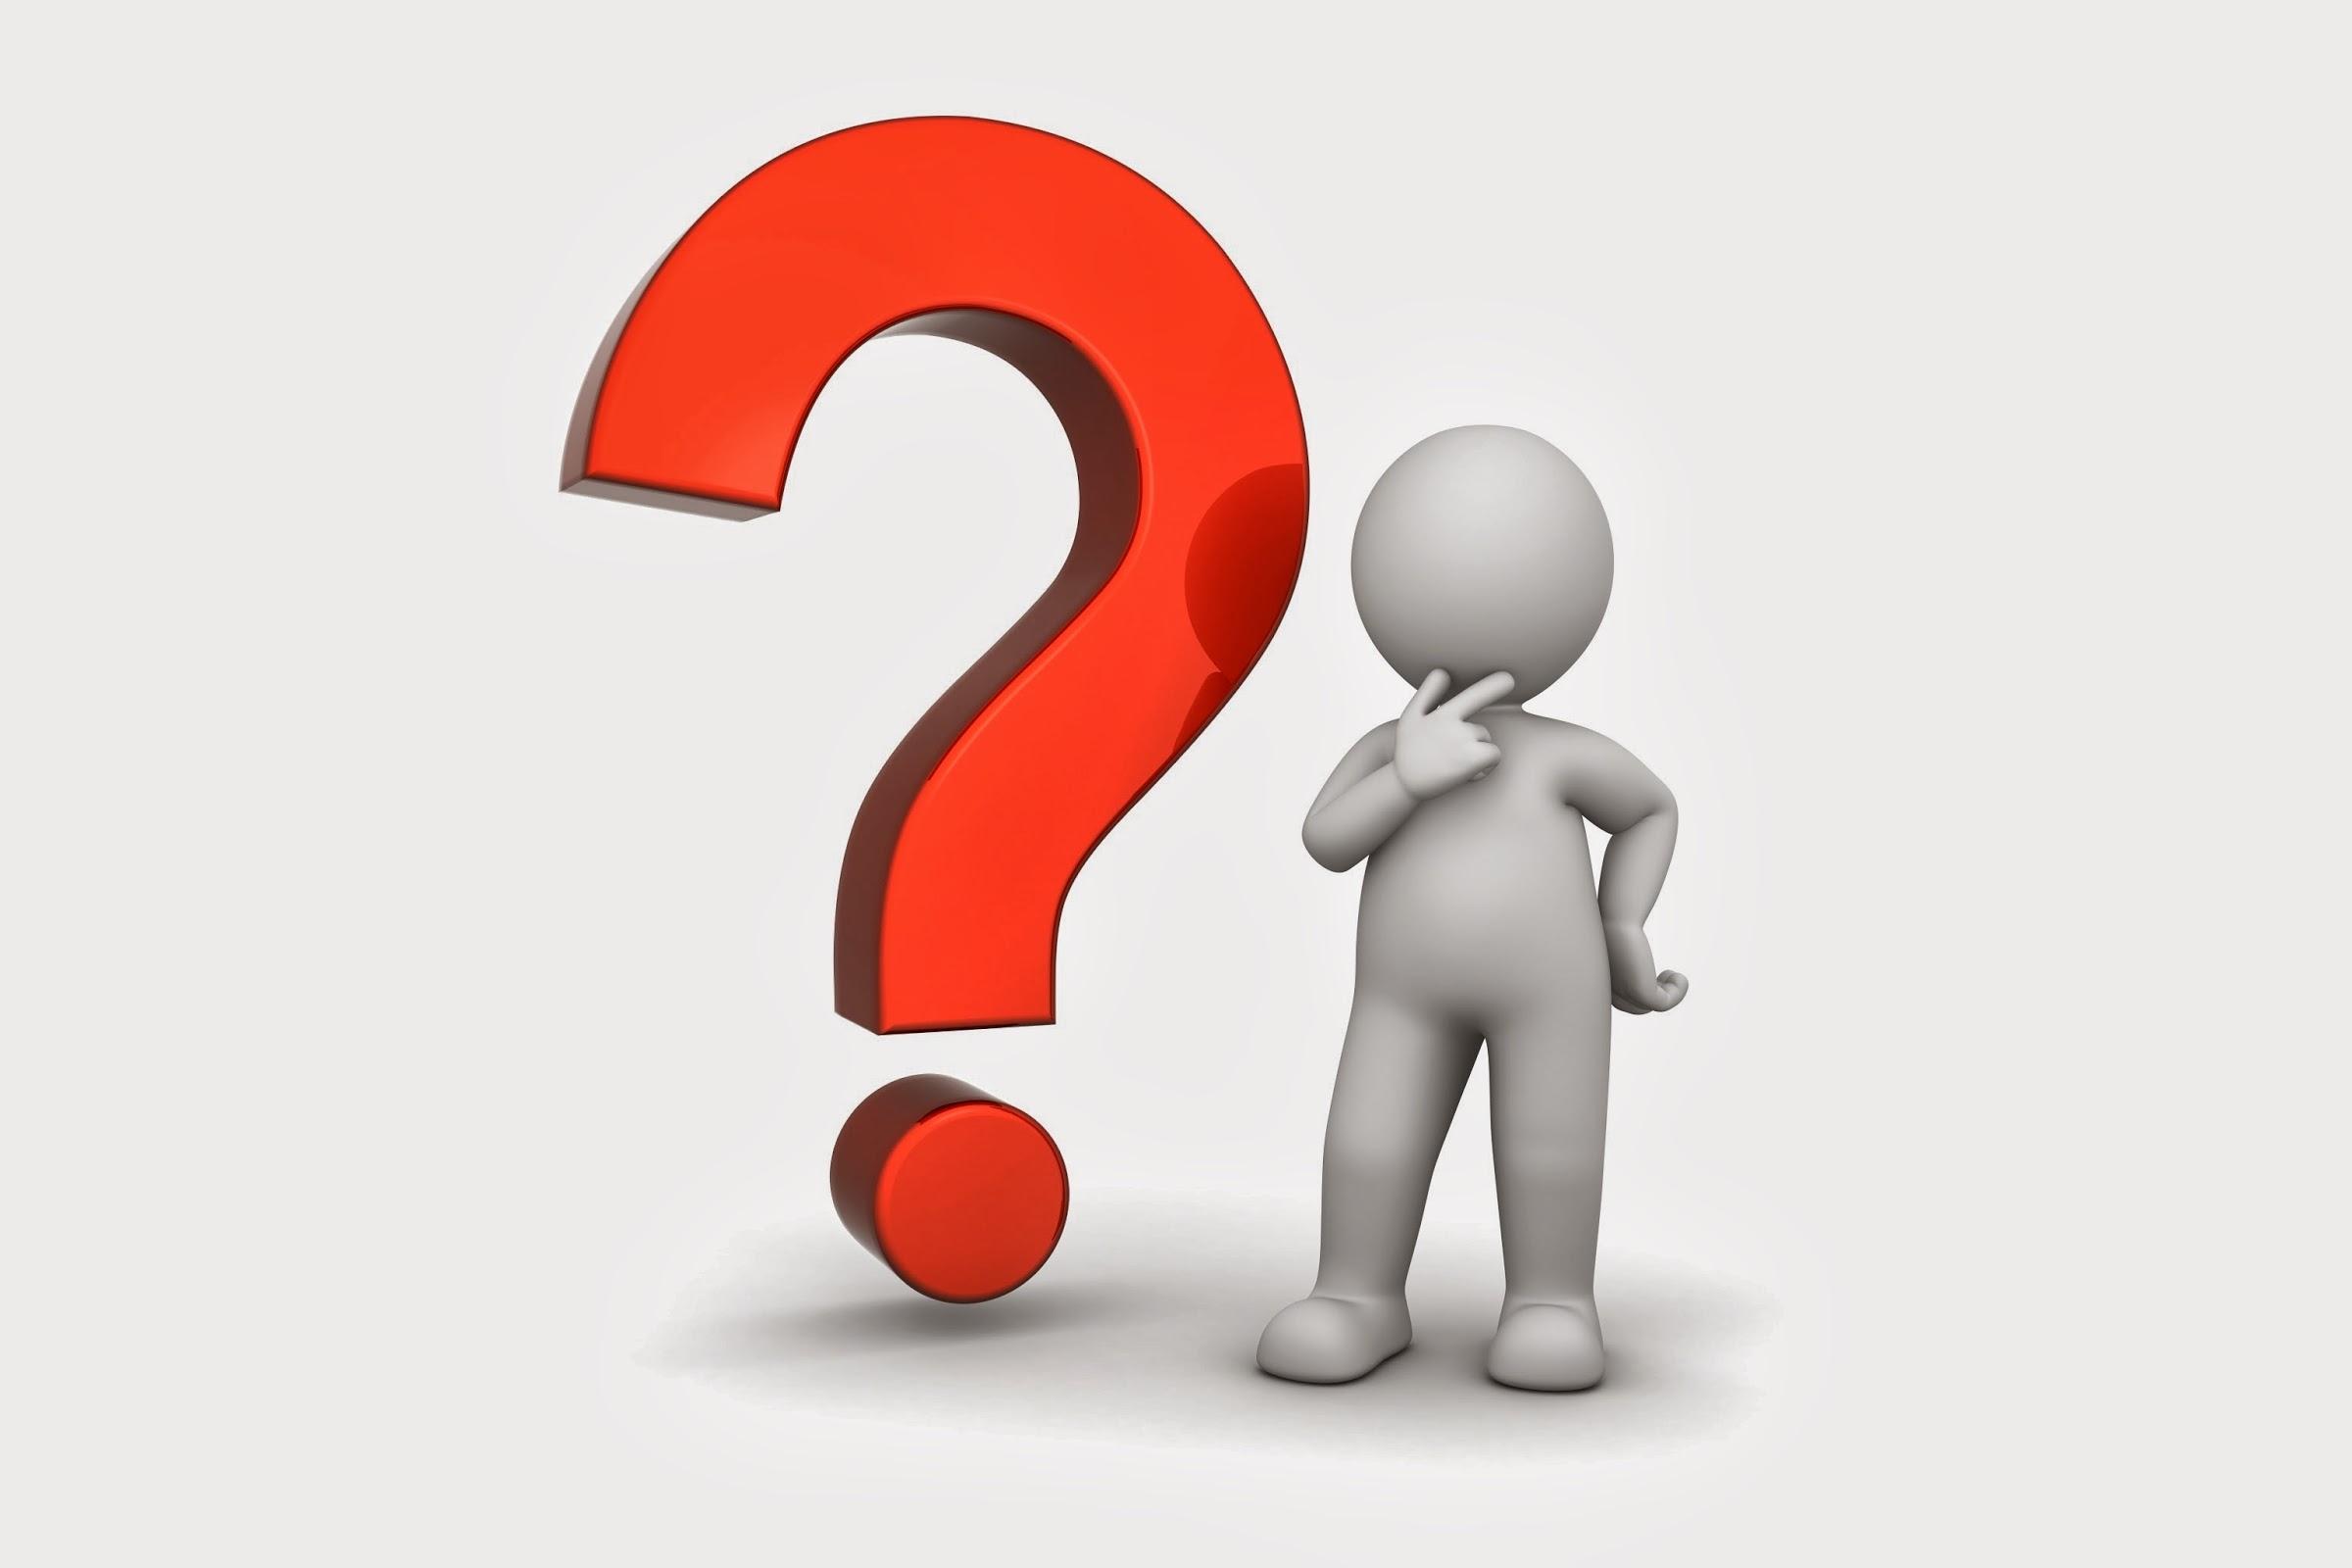 Previdenza complementare - Domande (3) Imc